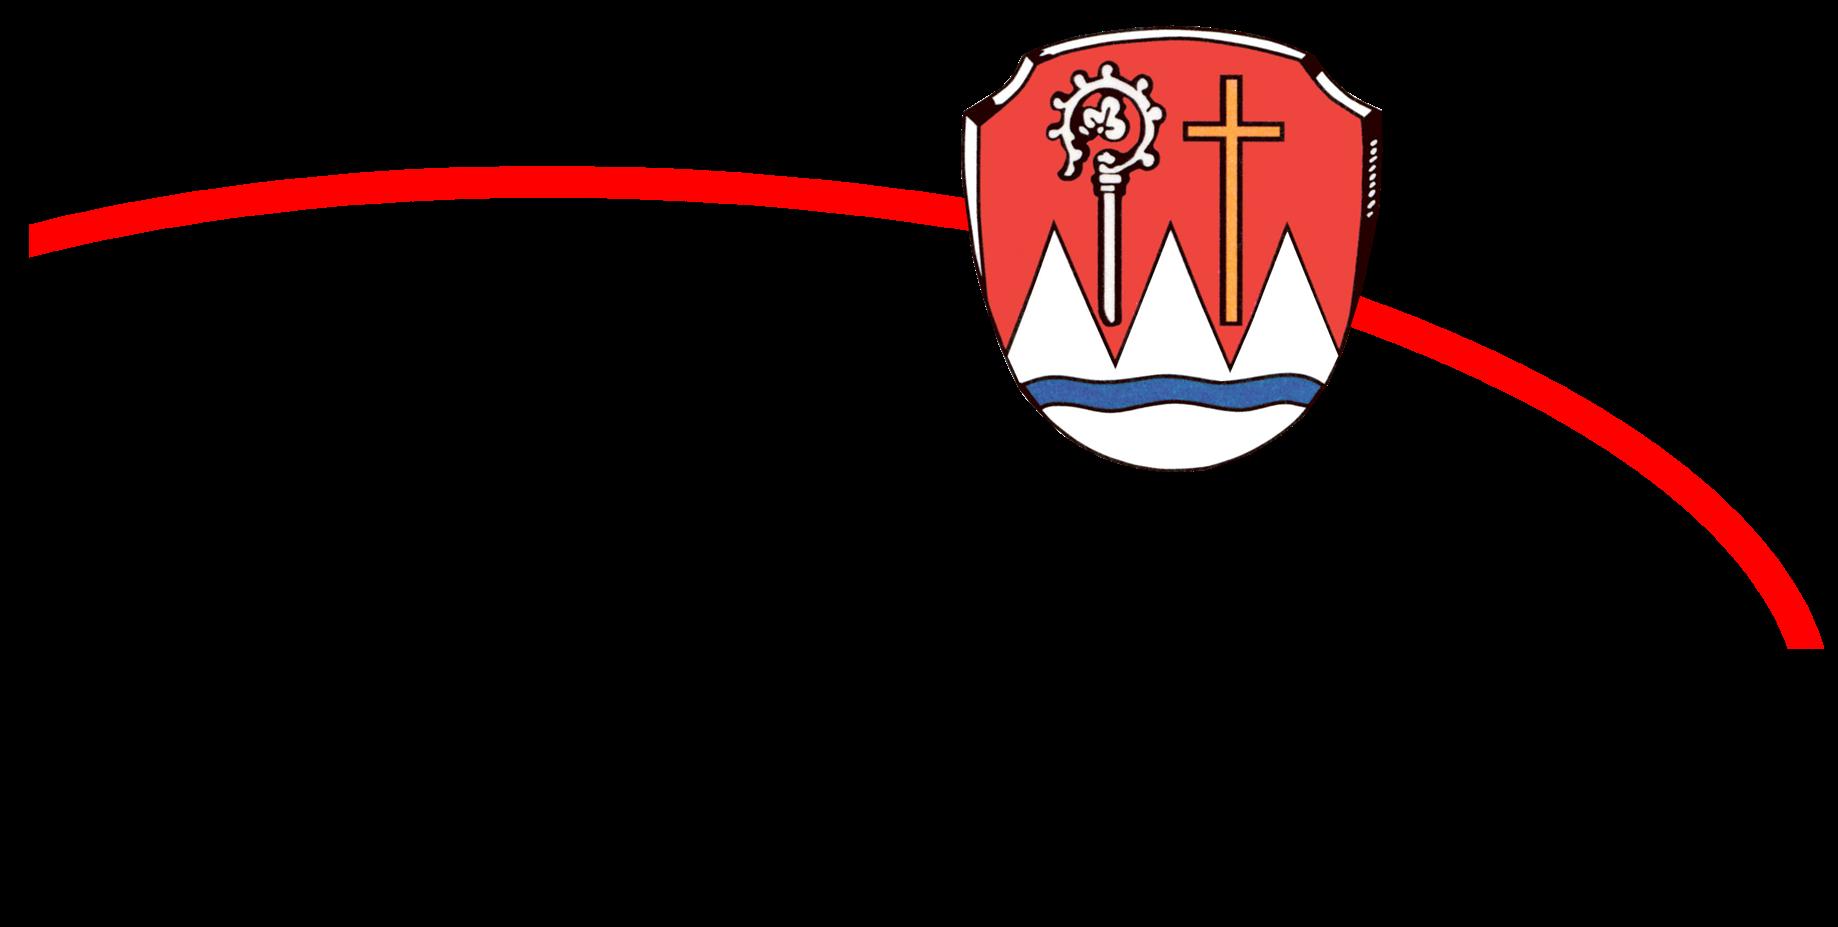 Freiwillige Feuerwehr Markt Oberthulba